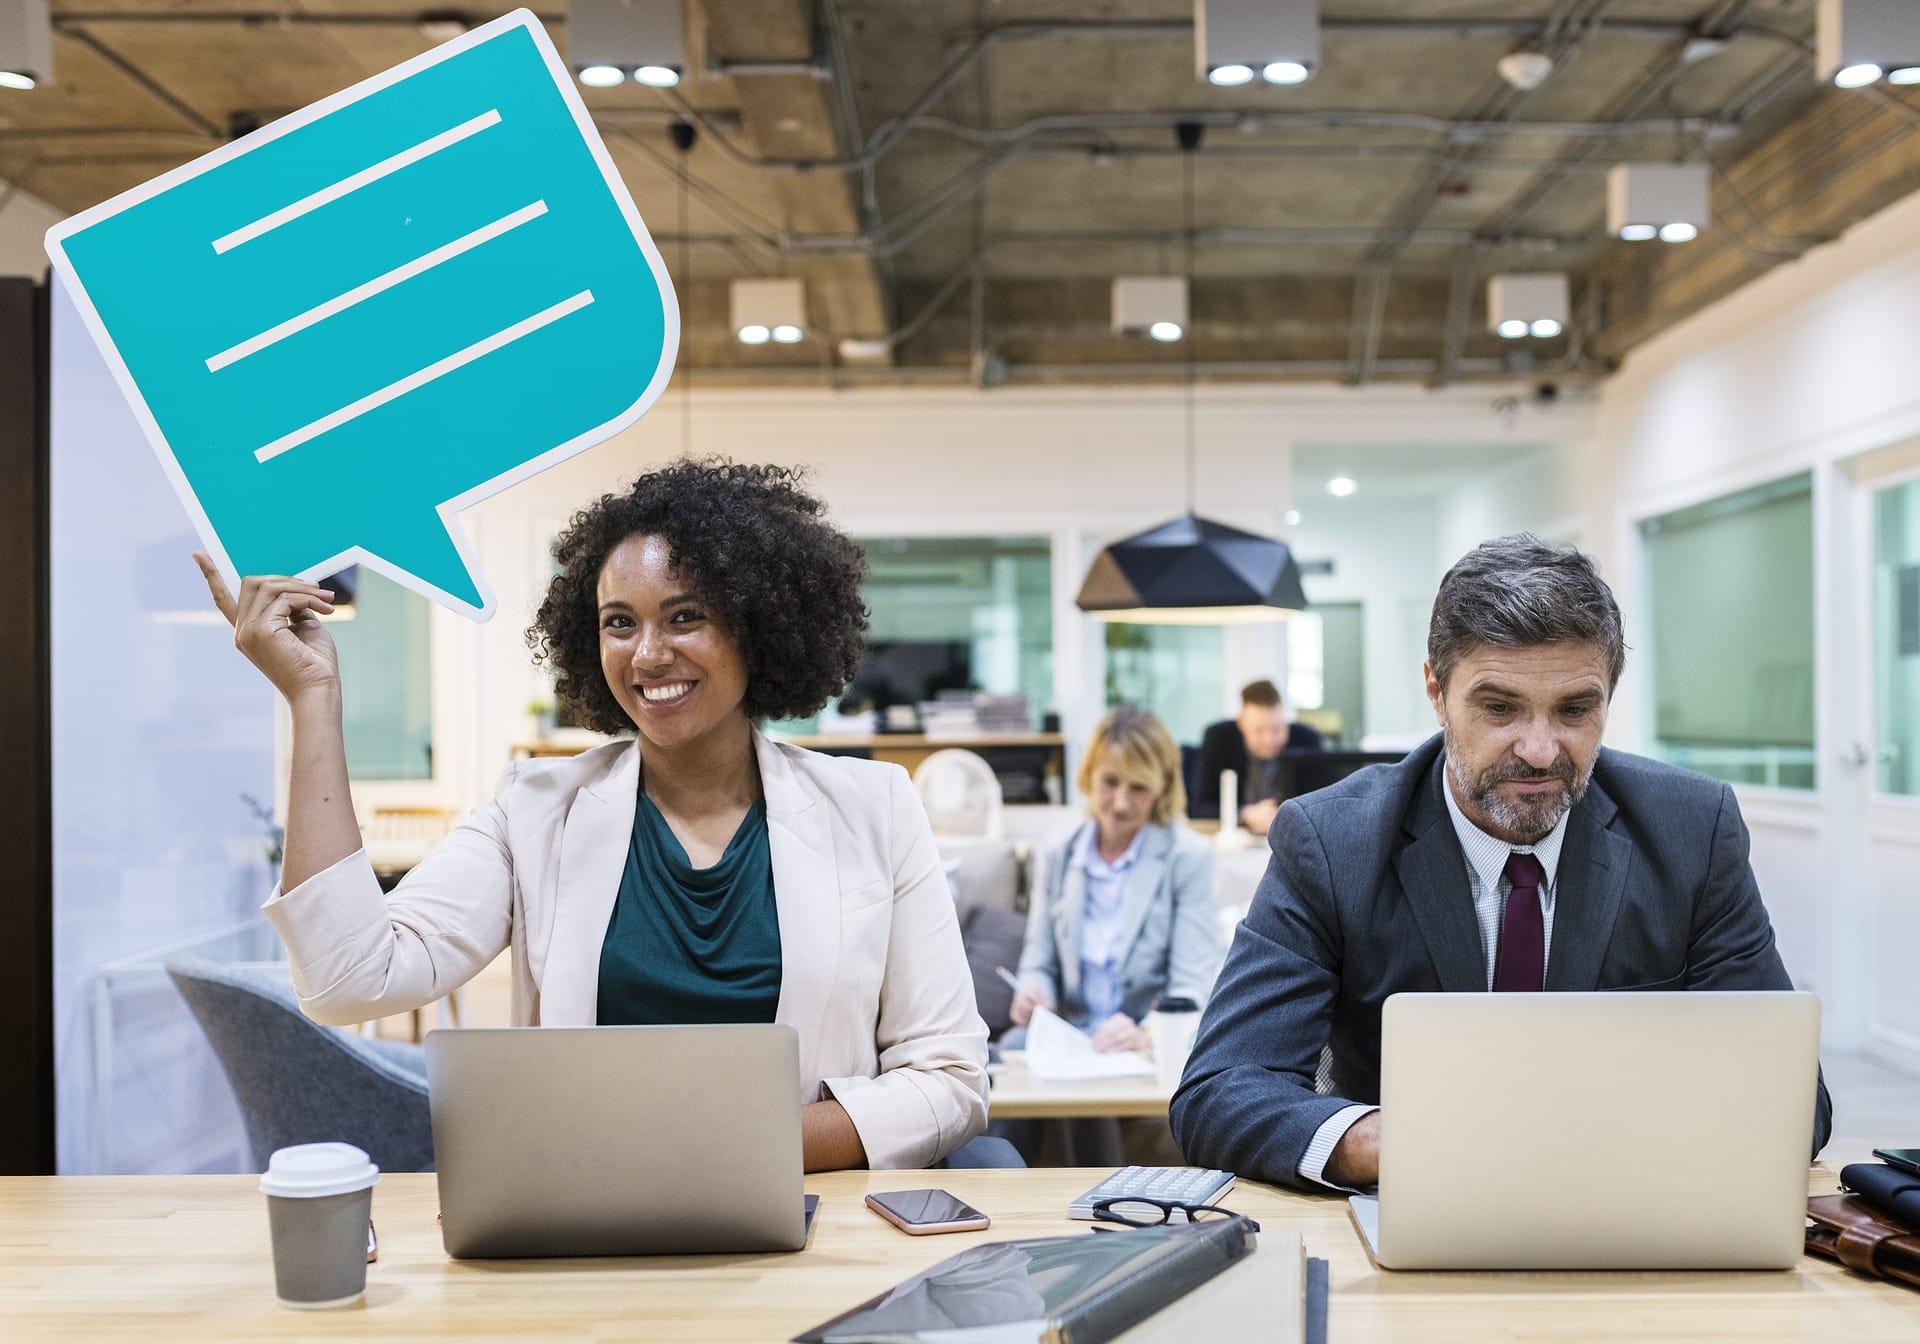 Arbeitende Menschen im Büro mit Laptop und Sprechblase zum mitteilen von Erfahrungen.